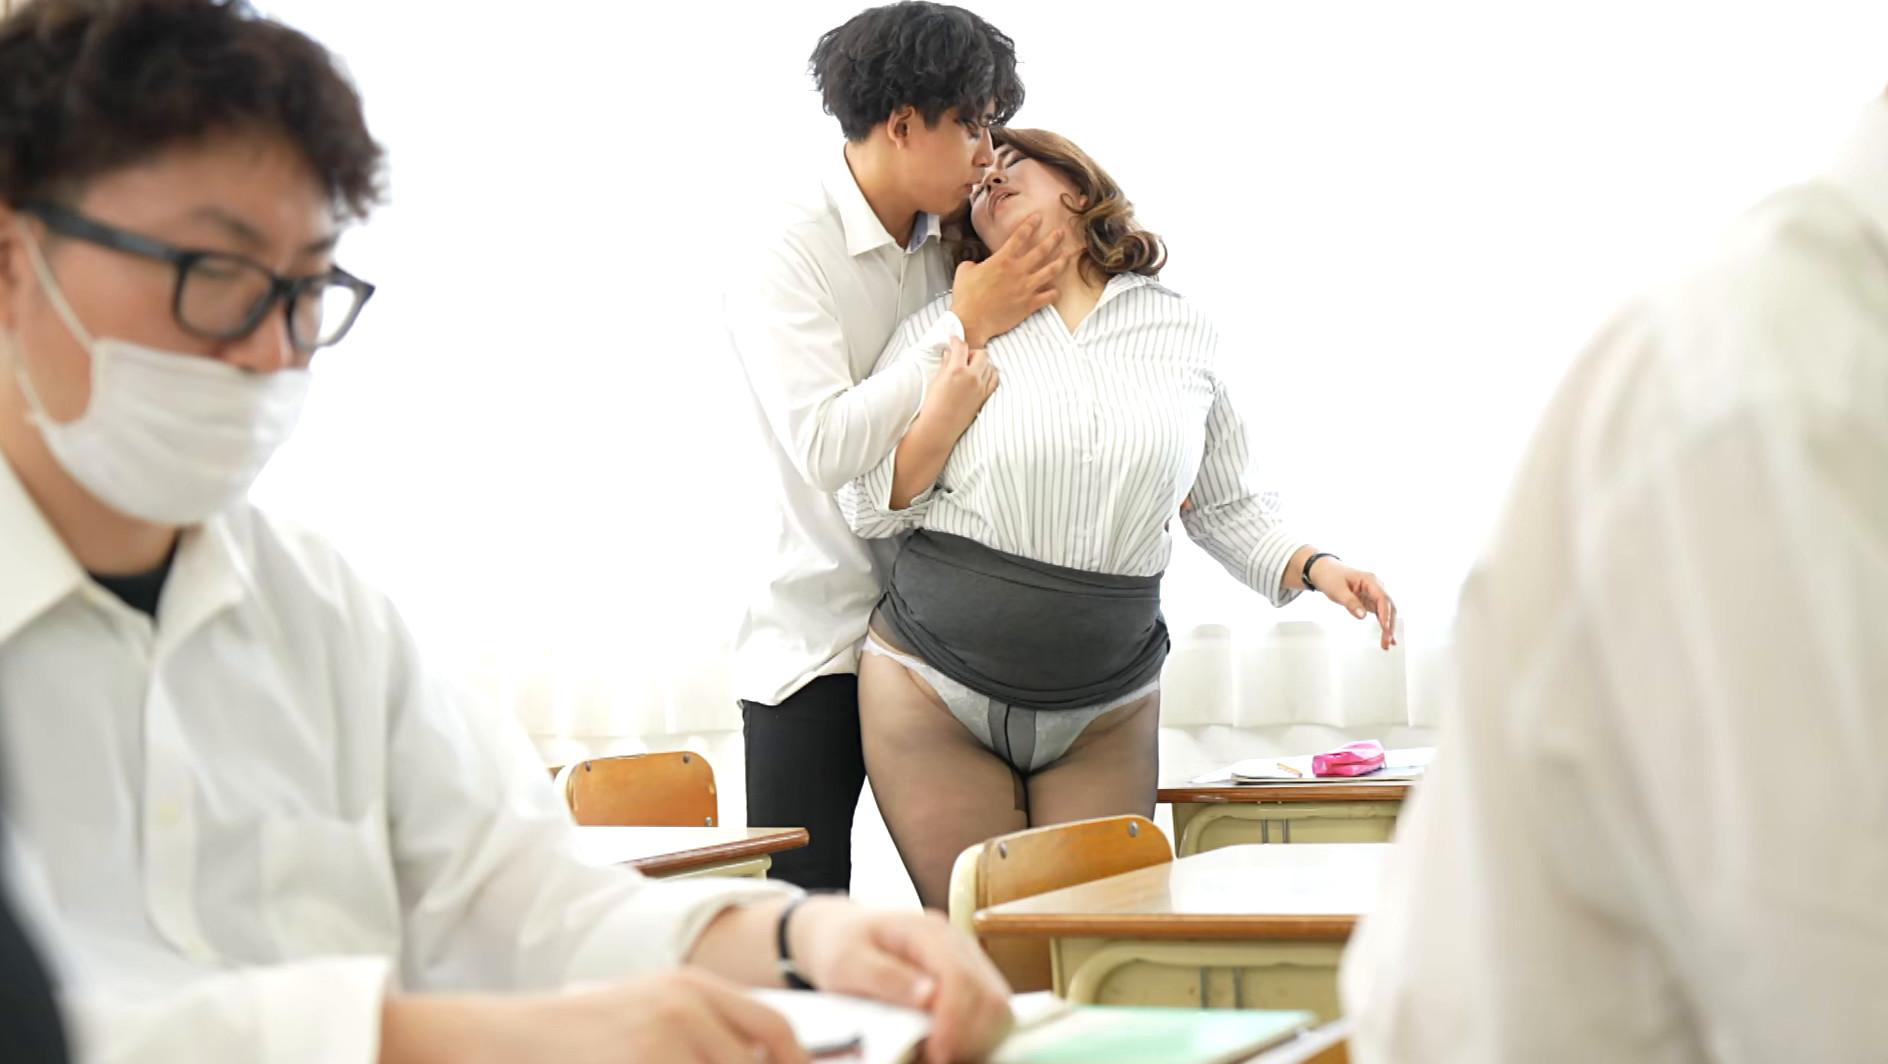 声が出せない絶頂授業で10倍濡れる人妻教師 折原ゆかり 画像3